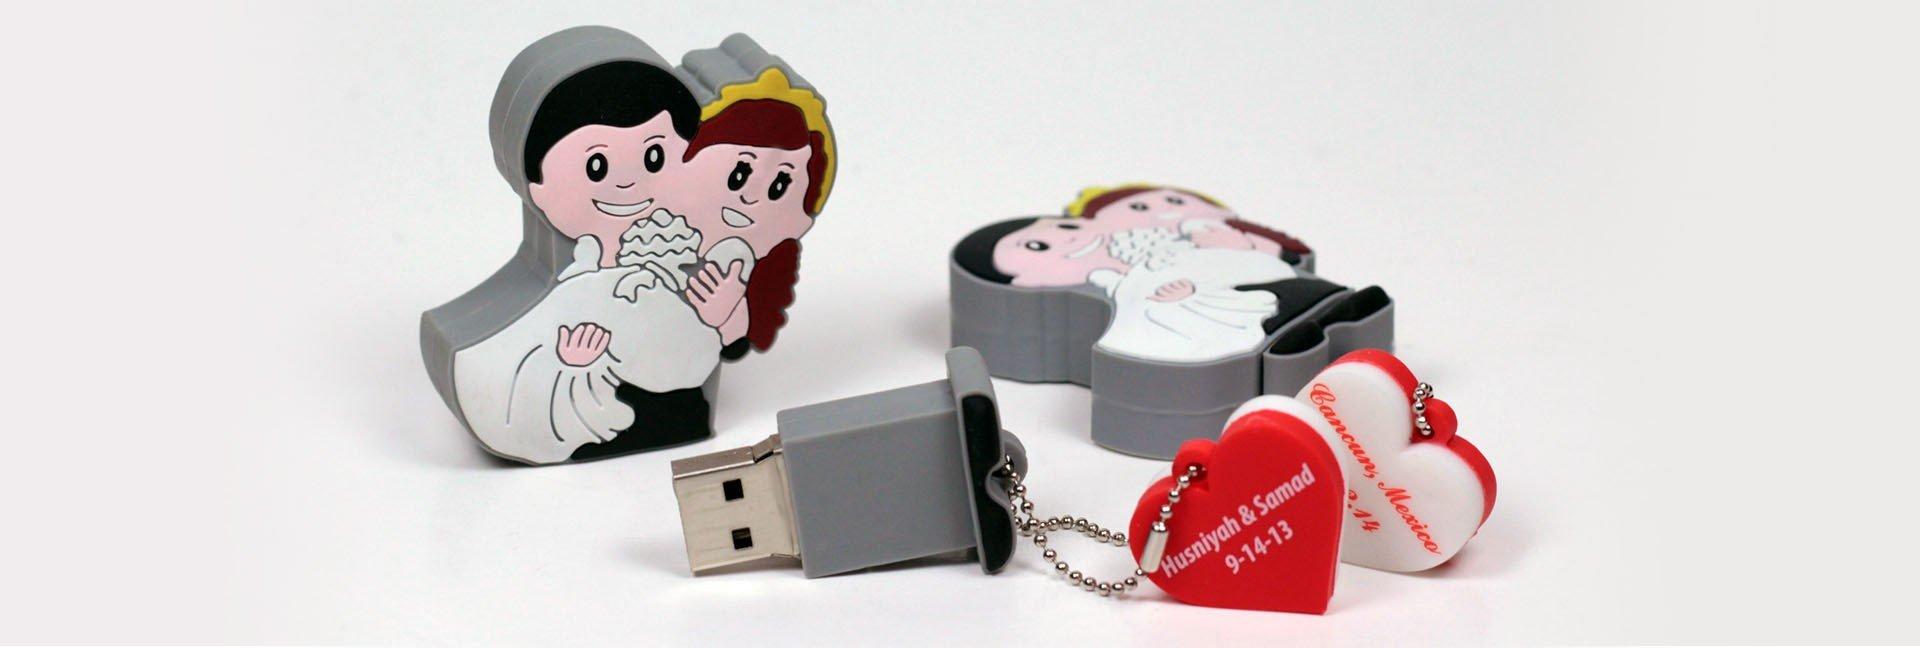 דיסק און קי חתן וכלה WEDDING USB DISK MEMORY